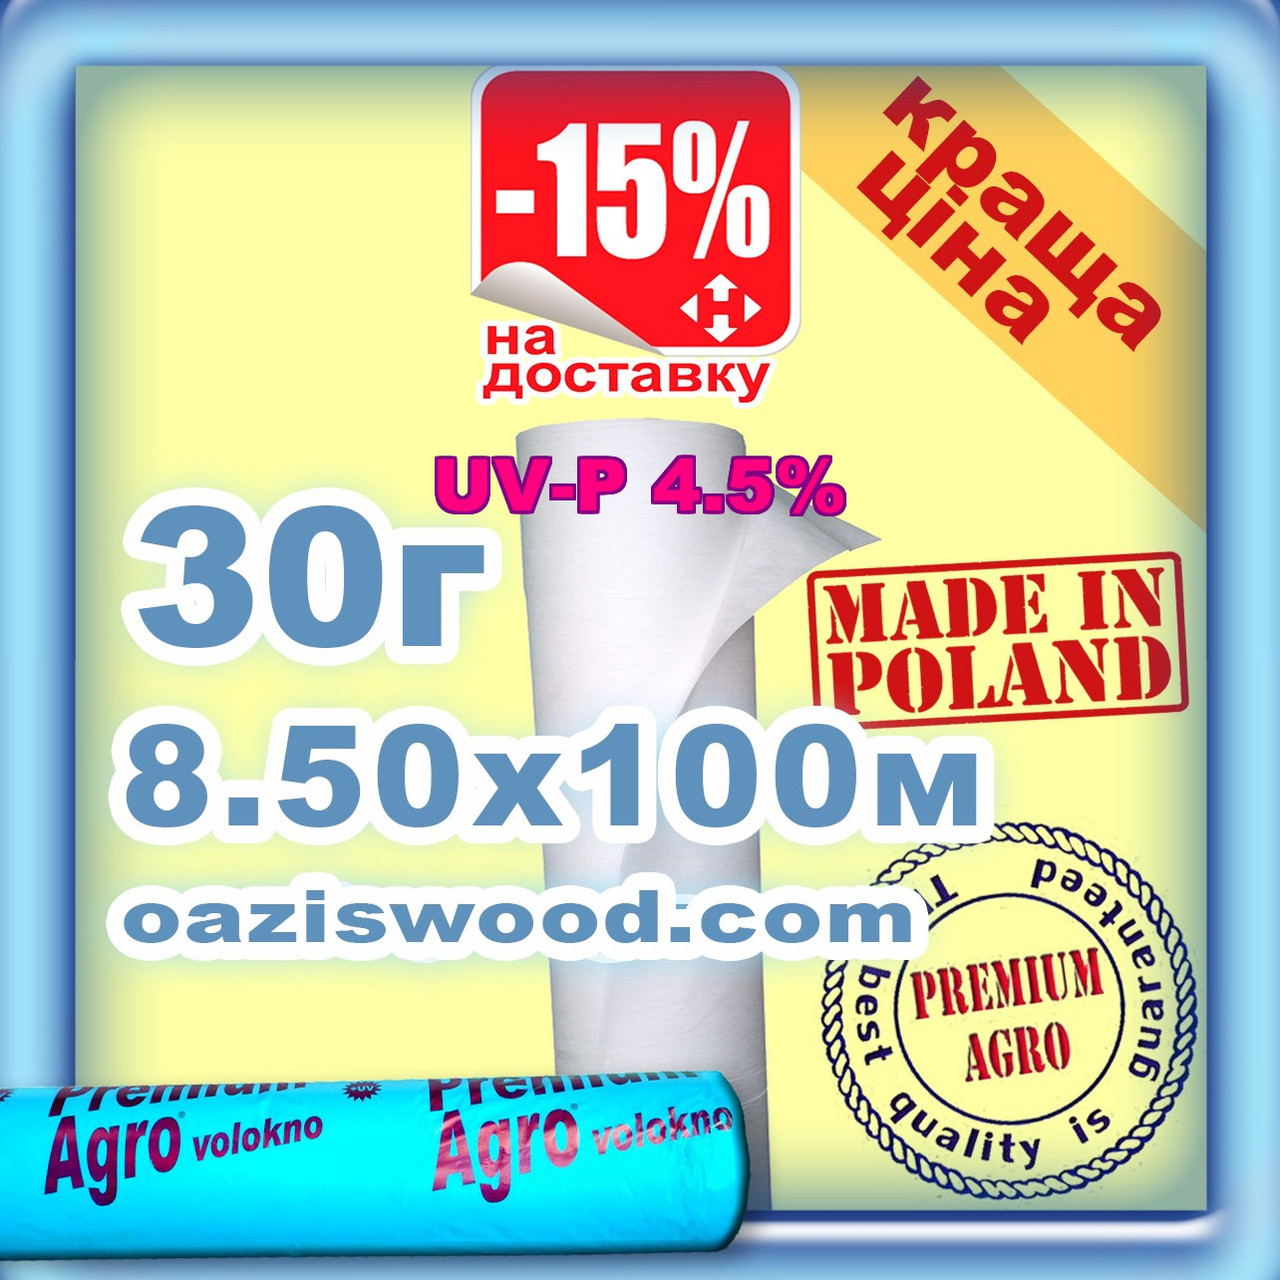 Агроволокно р-30g 8.5*100м белое UV-P 4.5% Premium-Agro Польша